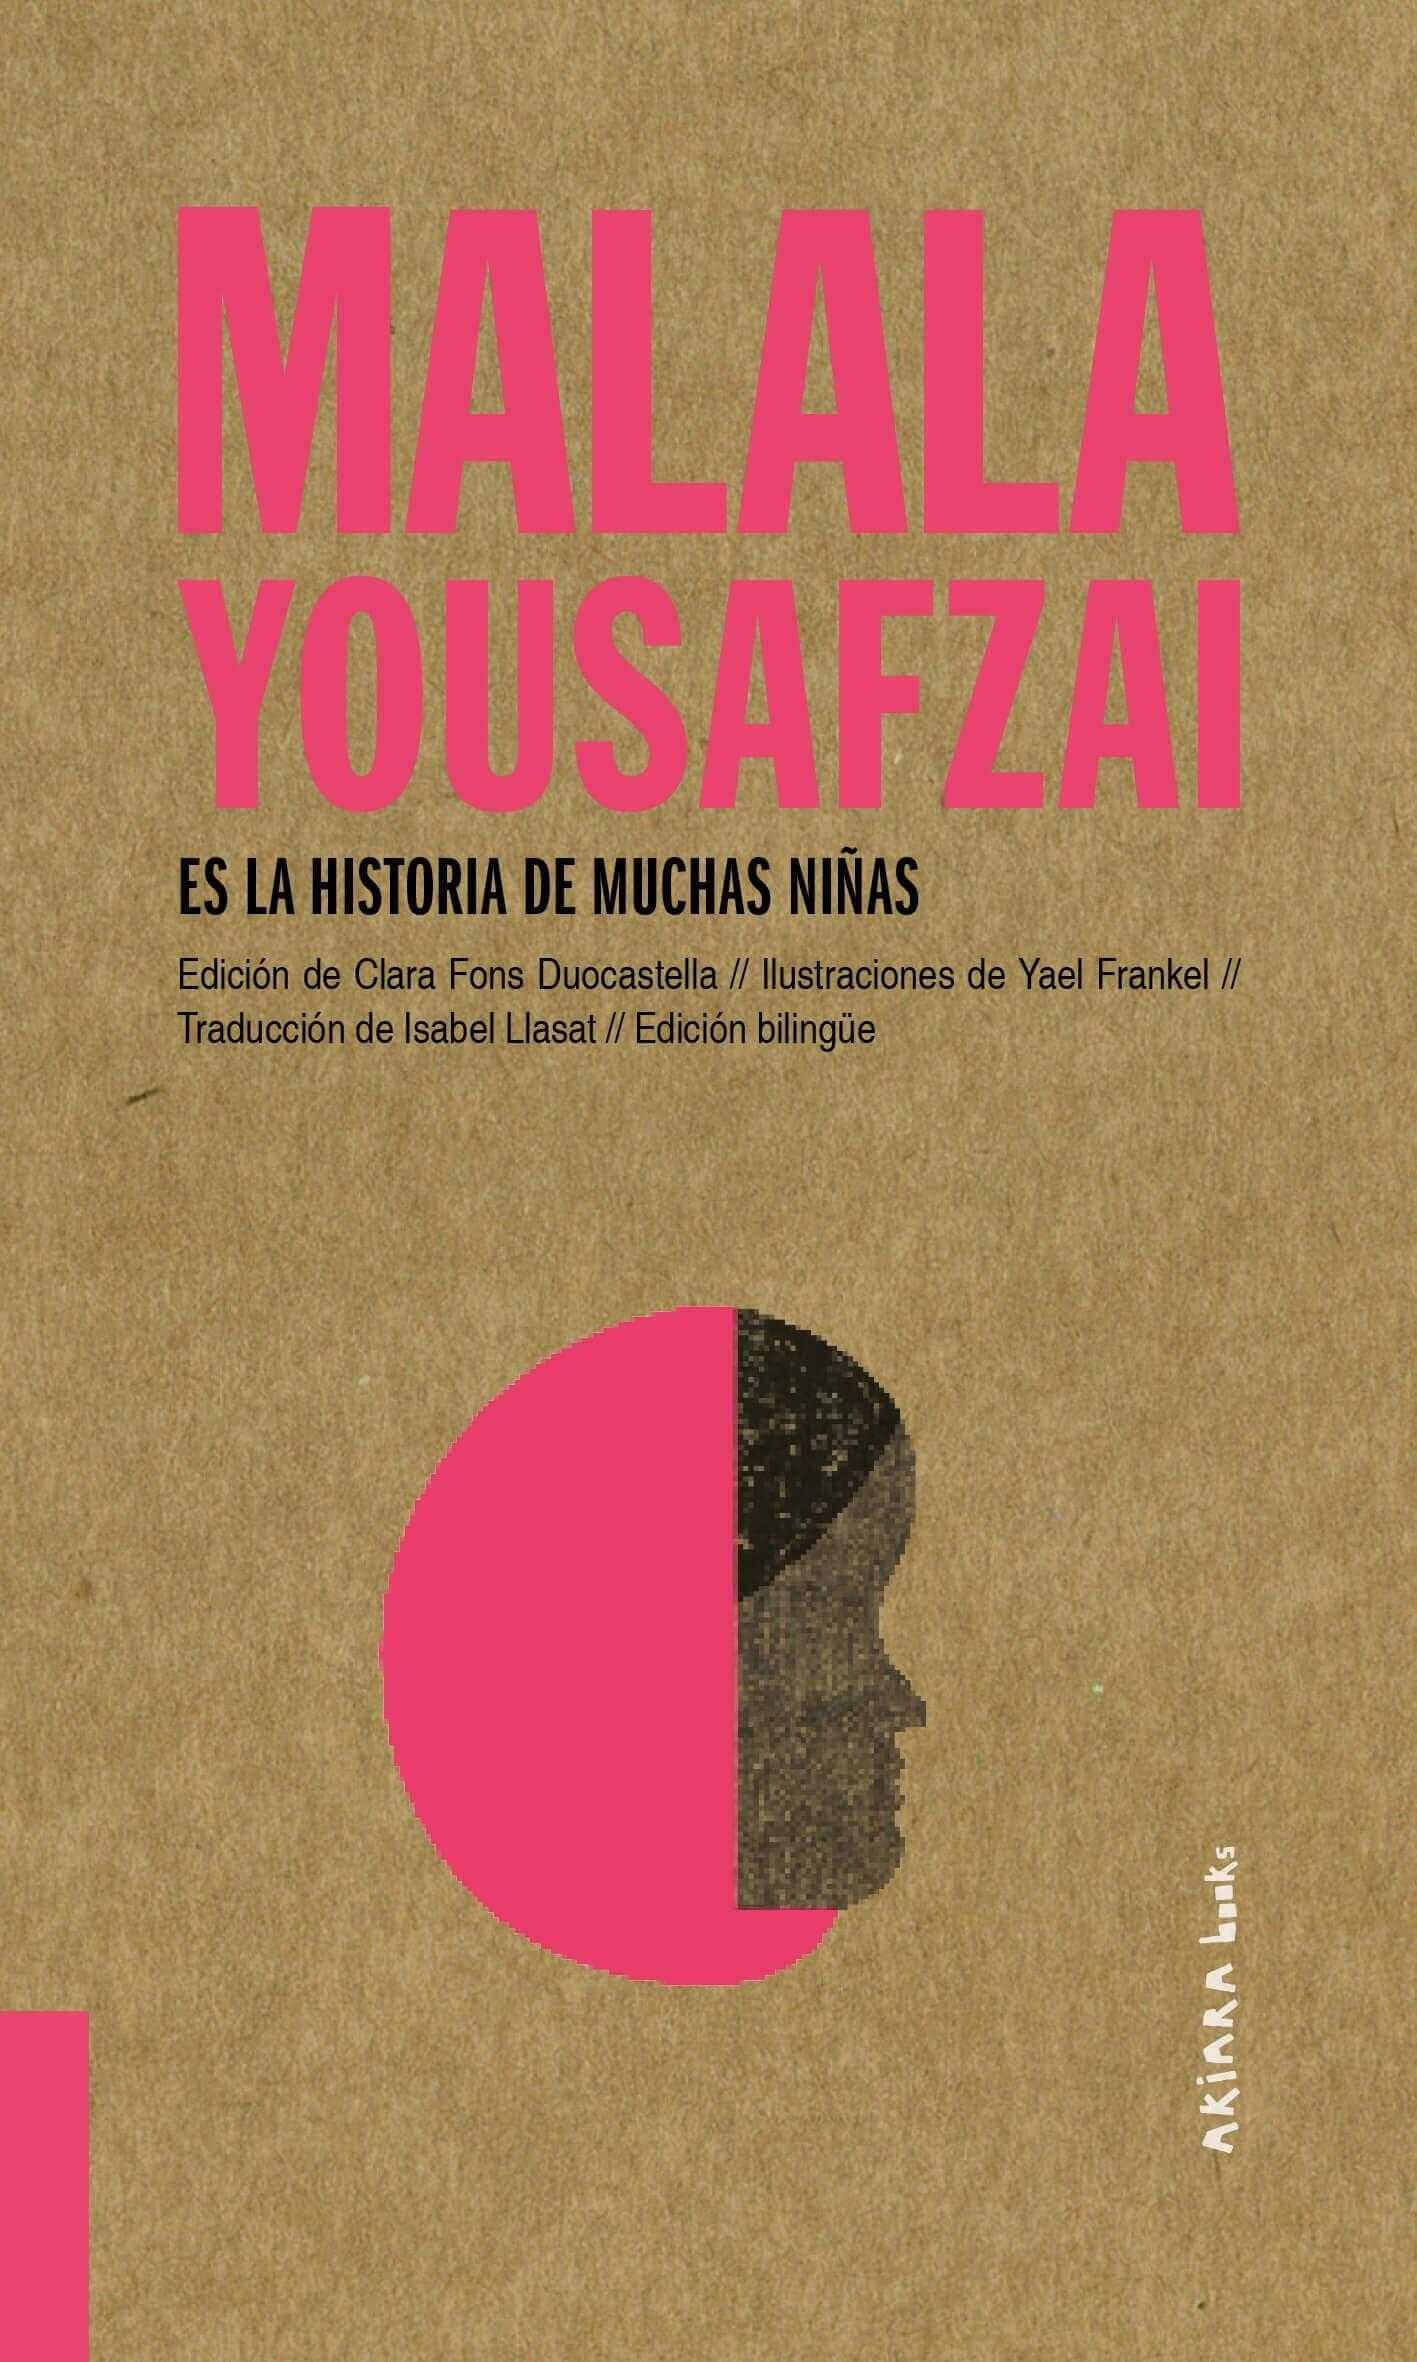 AKIPARLA Malala final cover spanish